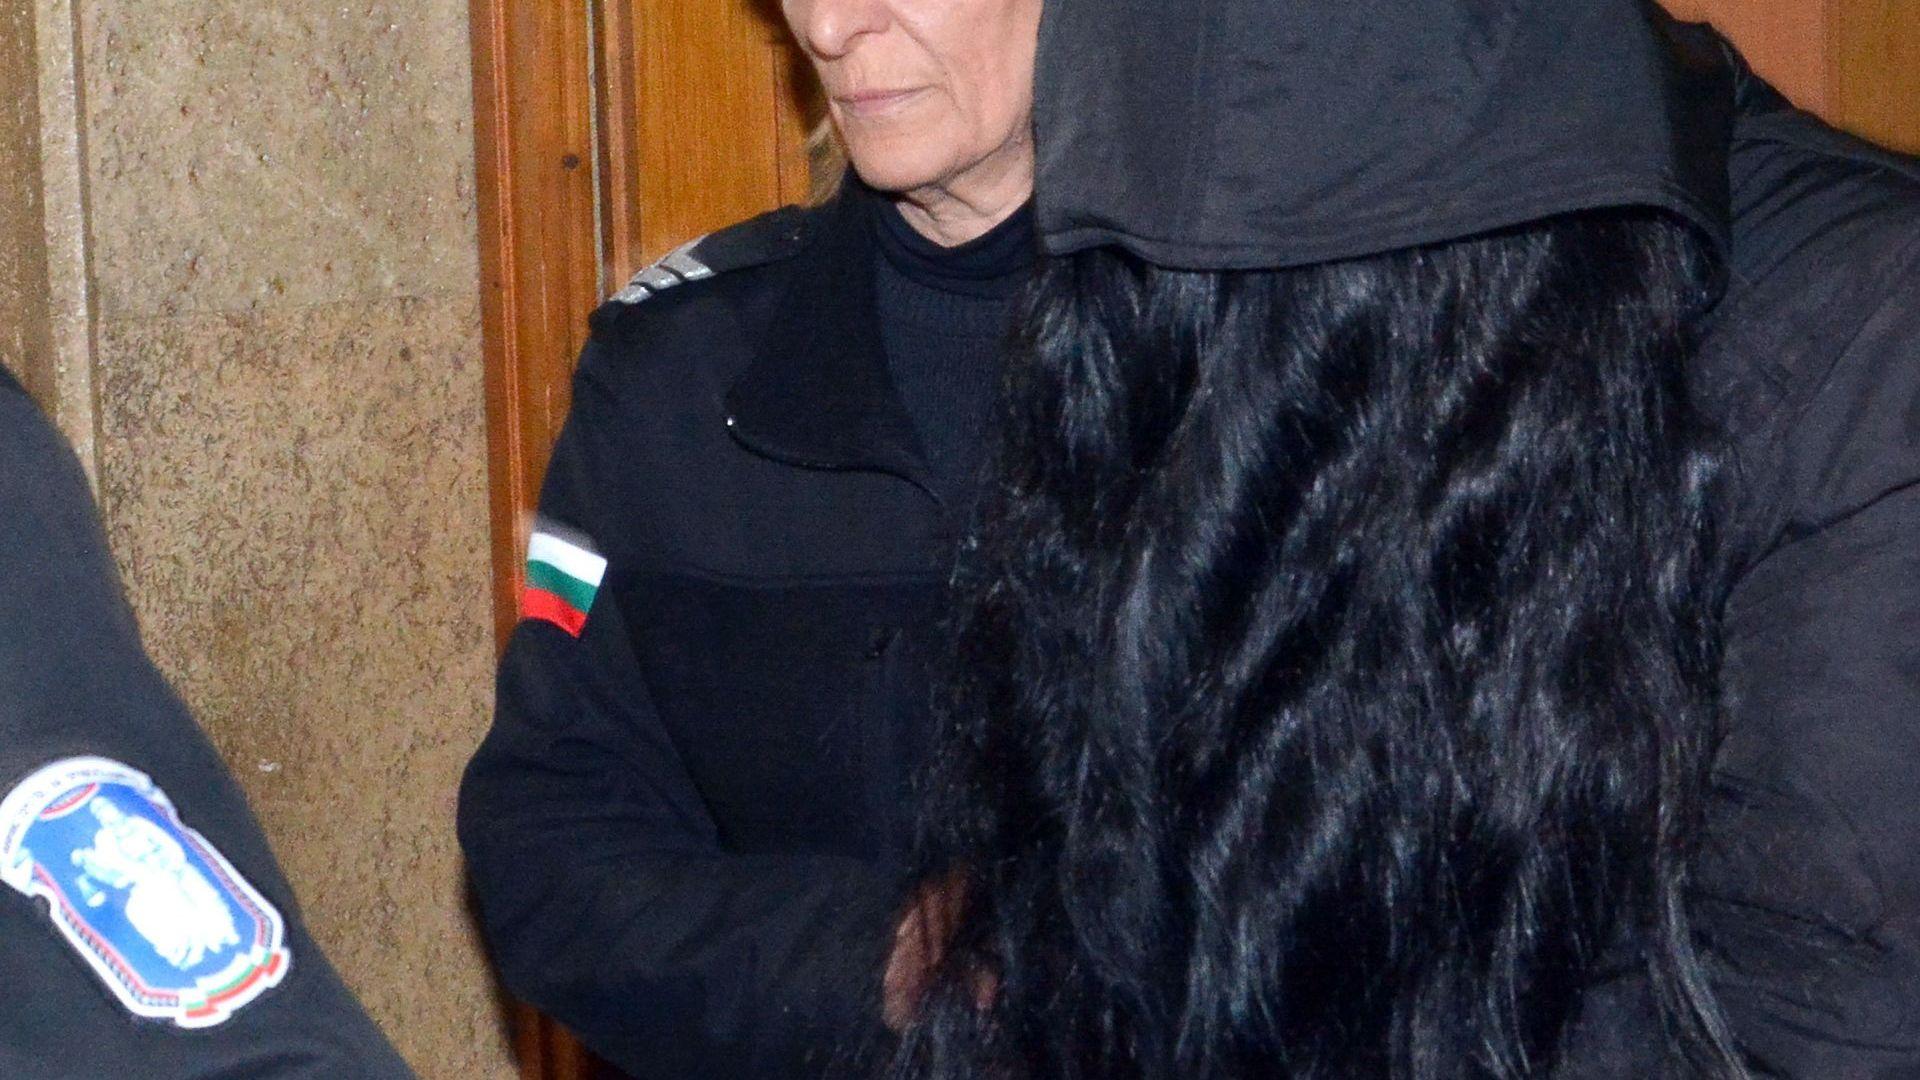 Варненският апелативен съд отмени домашния арест и постави отново под